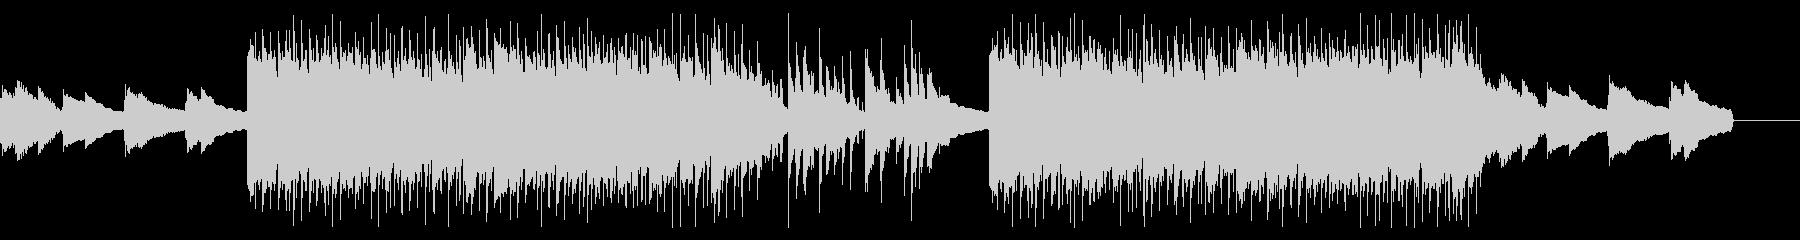 エンディング感のあるメロウなHIPHOPの未再生の波形